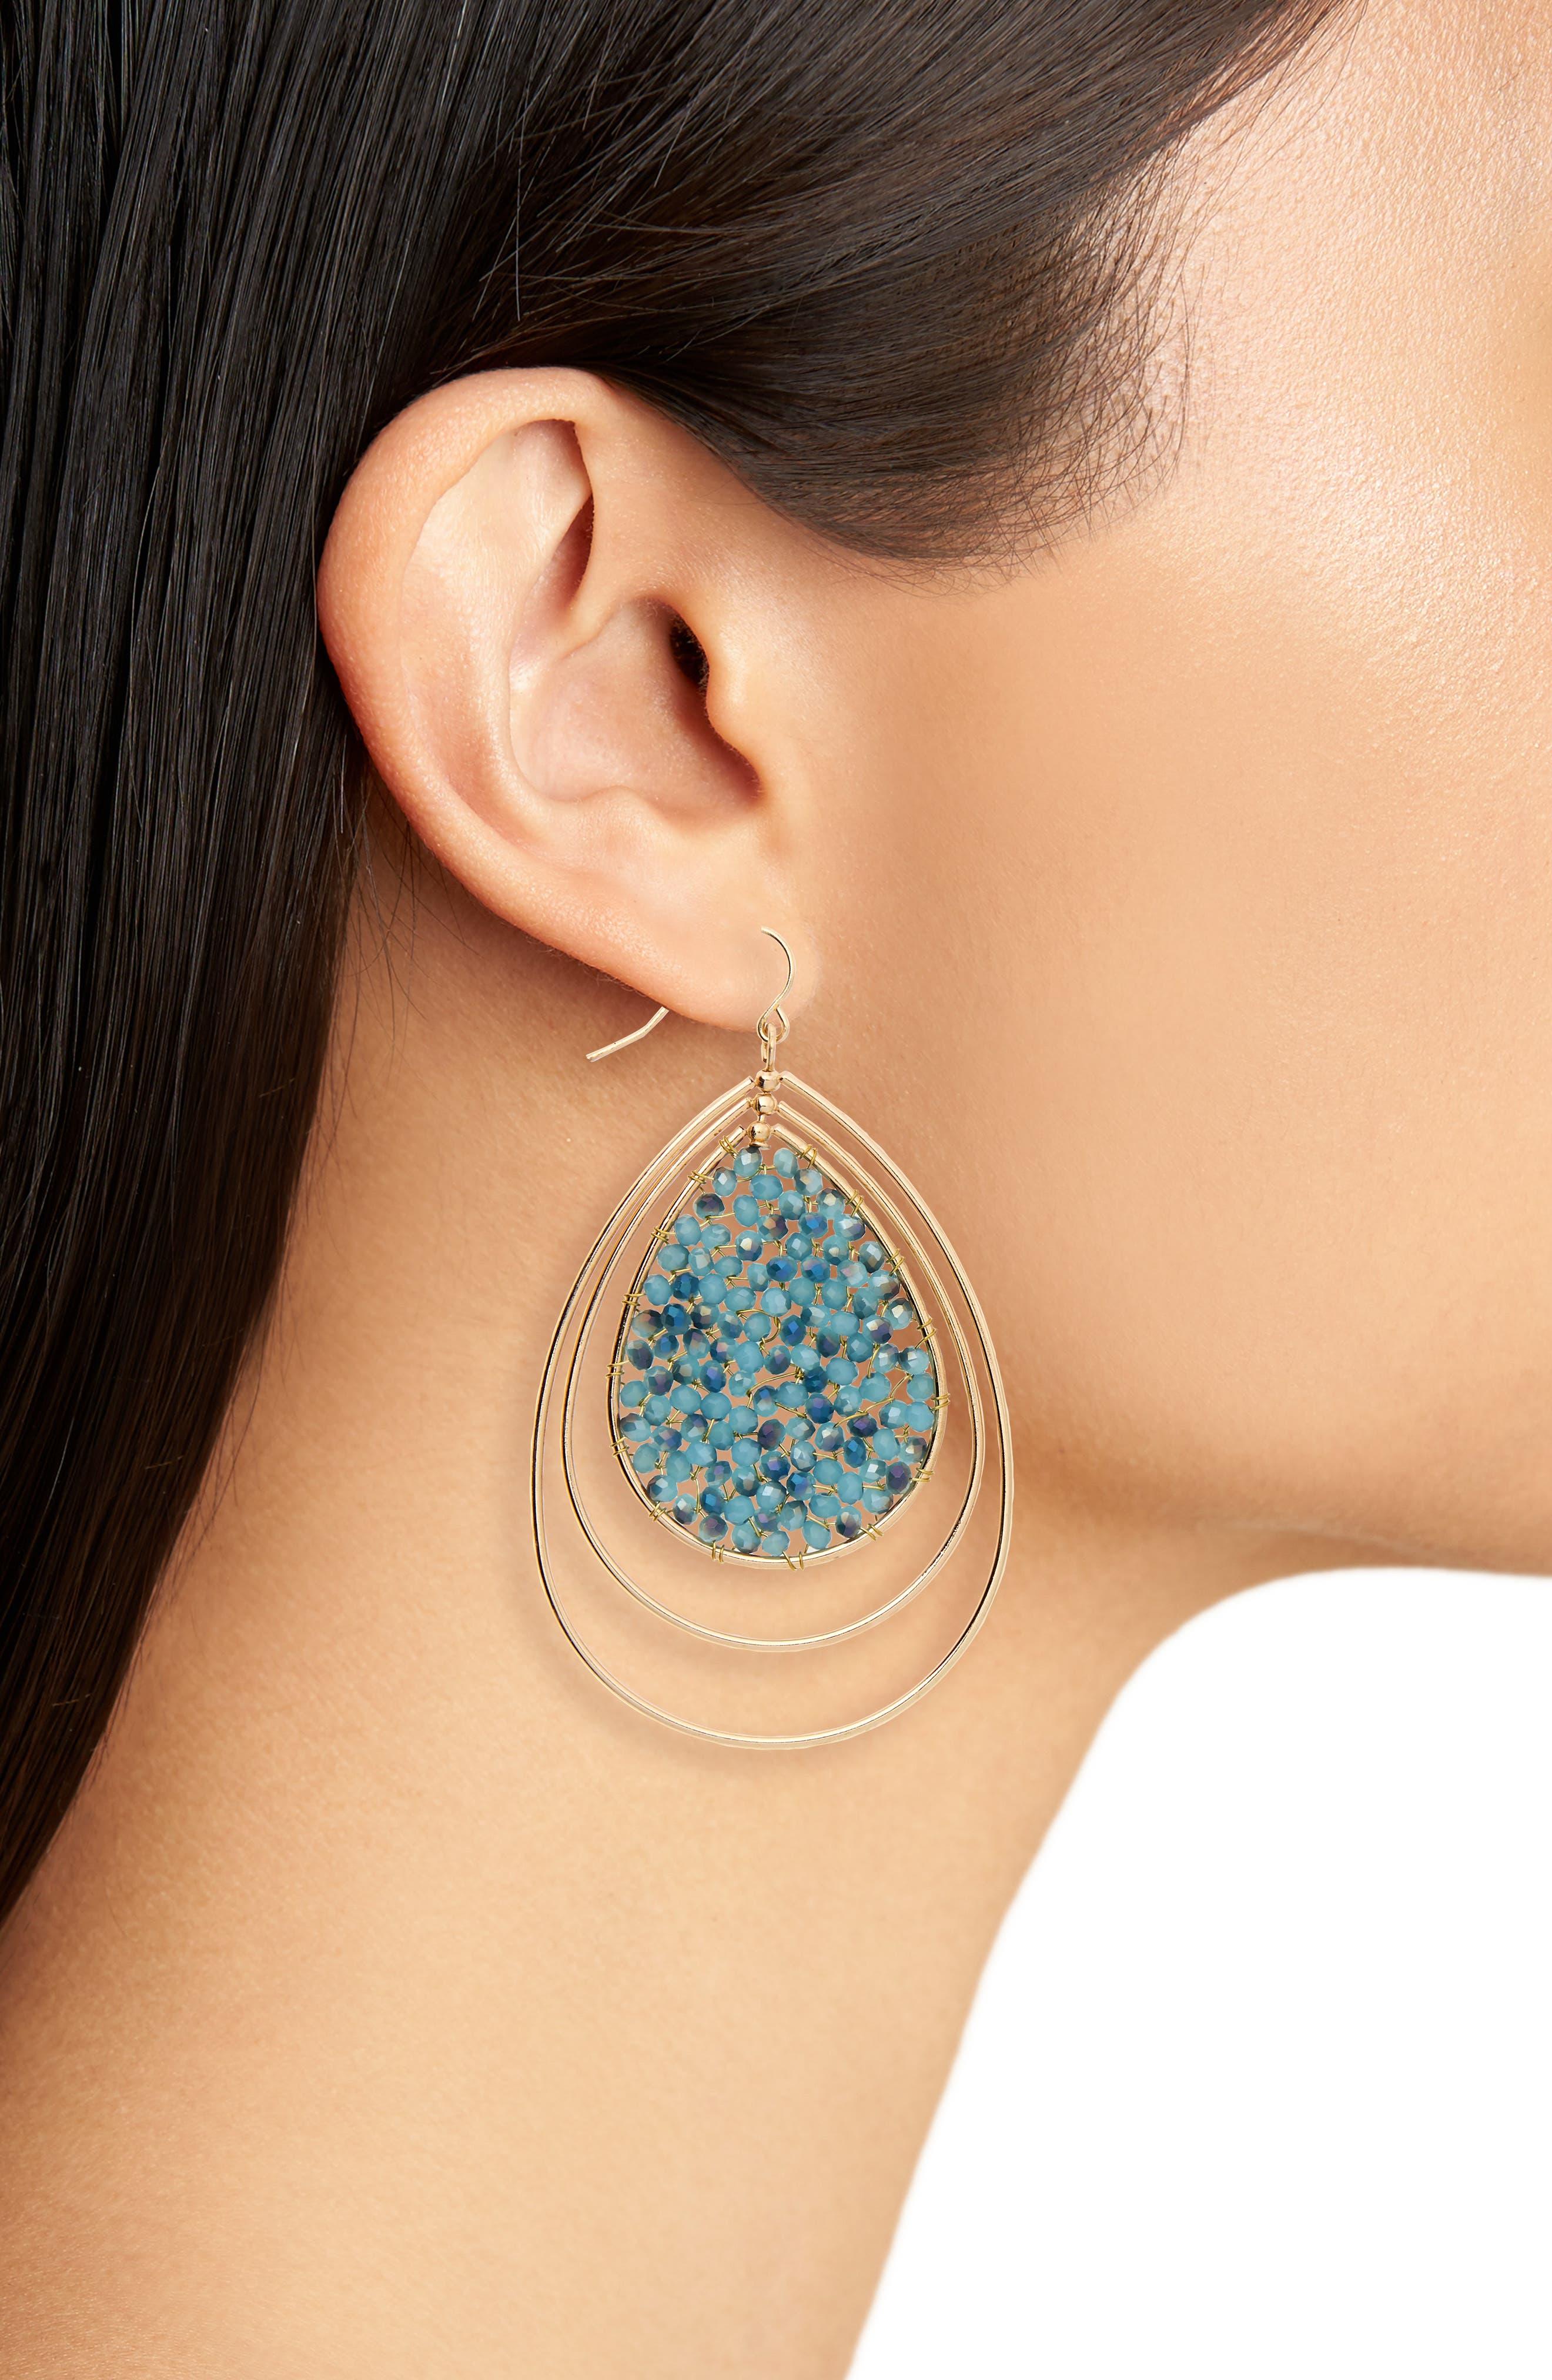 Triple Teardrop Earrings,                             Alternate thumbnail 2, color,                             Blue